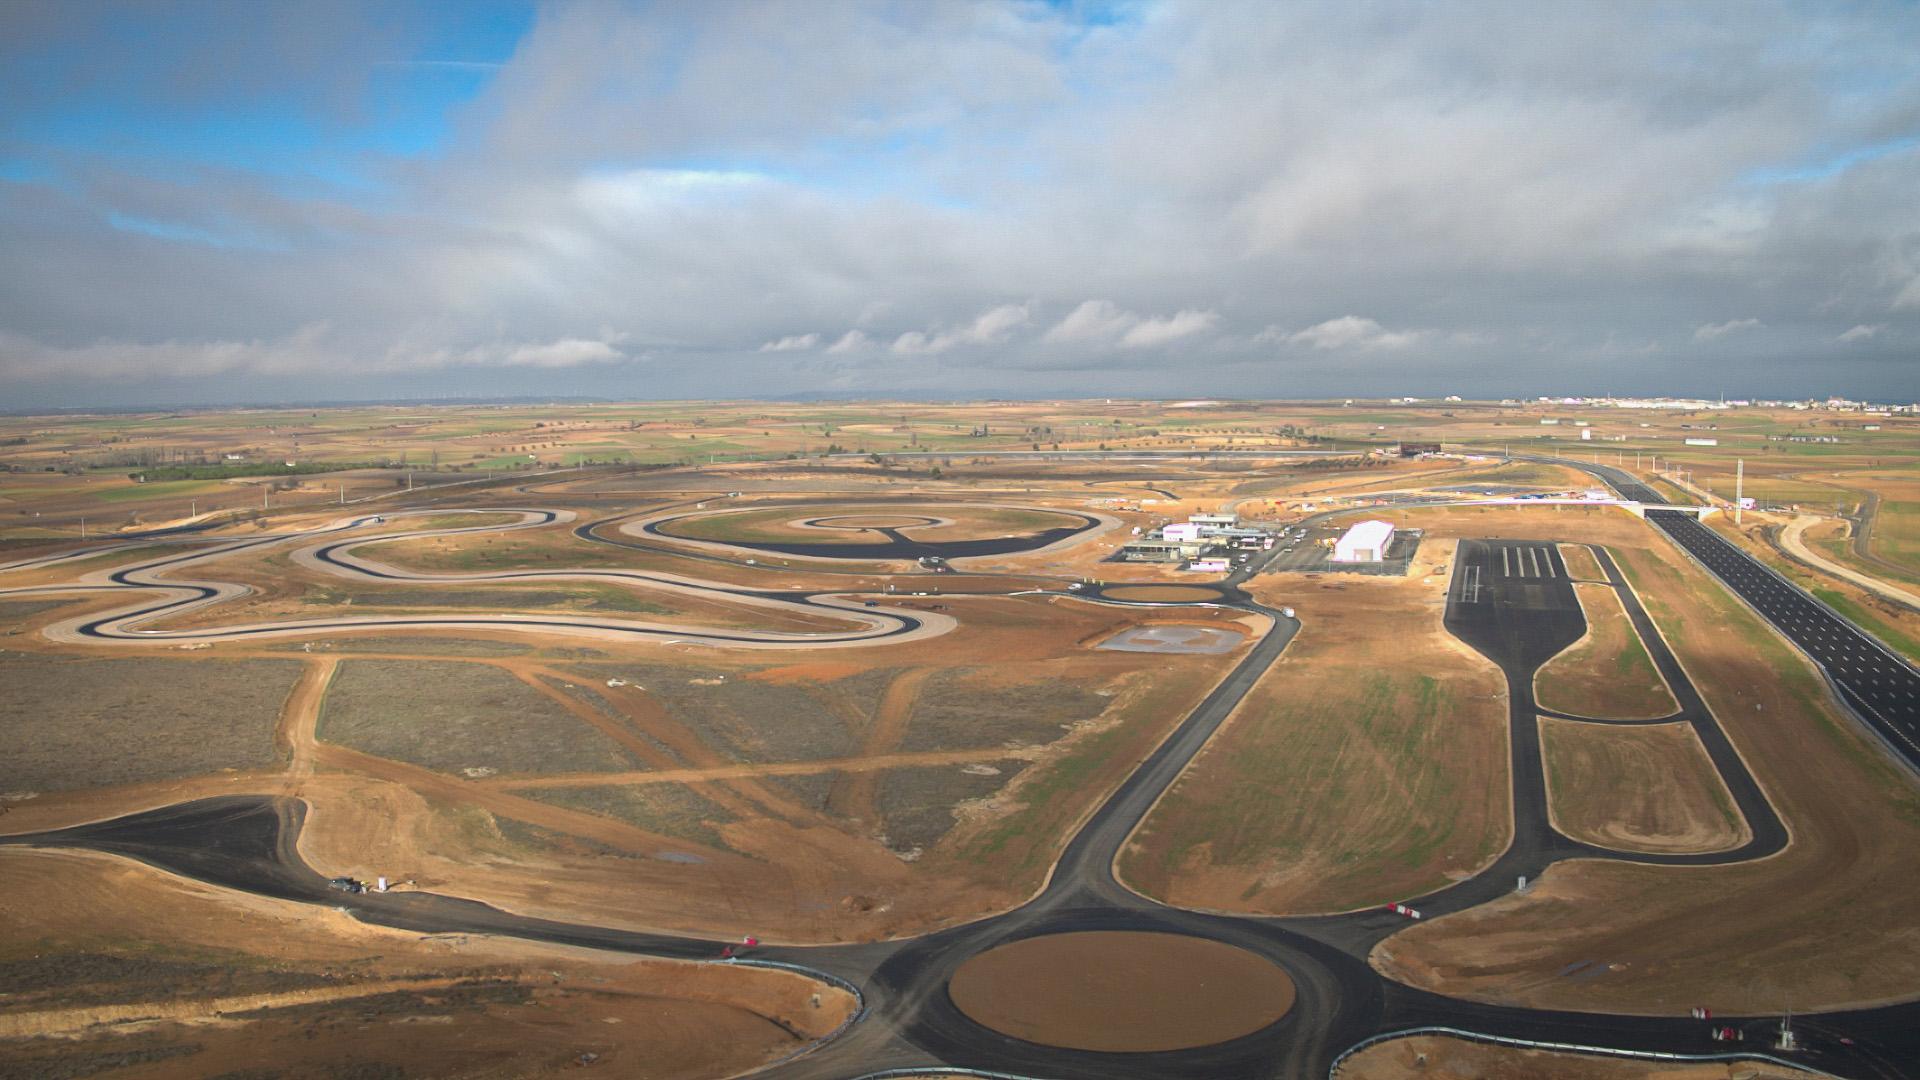 Centrul de testare Nokian Tyres din Spania a început să funcționeze la capacitate maximă - Articole anvelope iarna, vara, all season